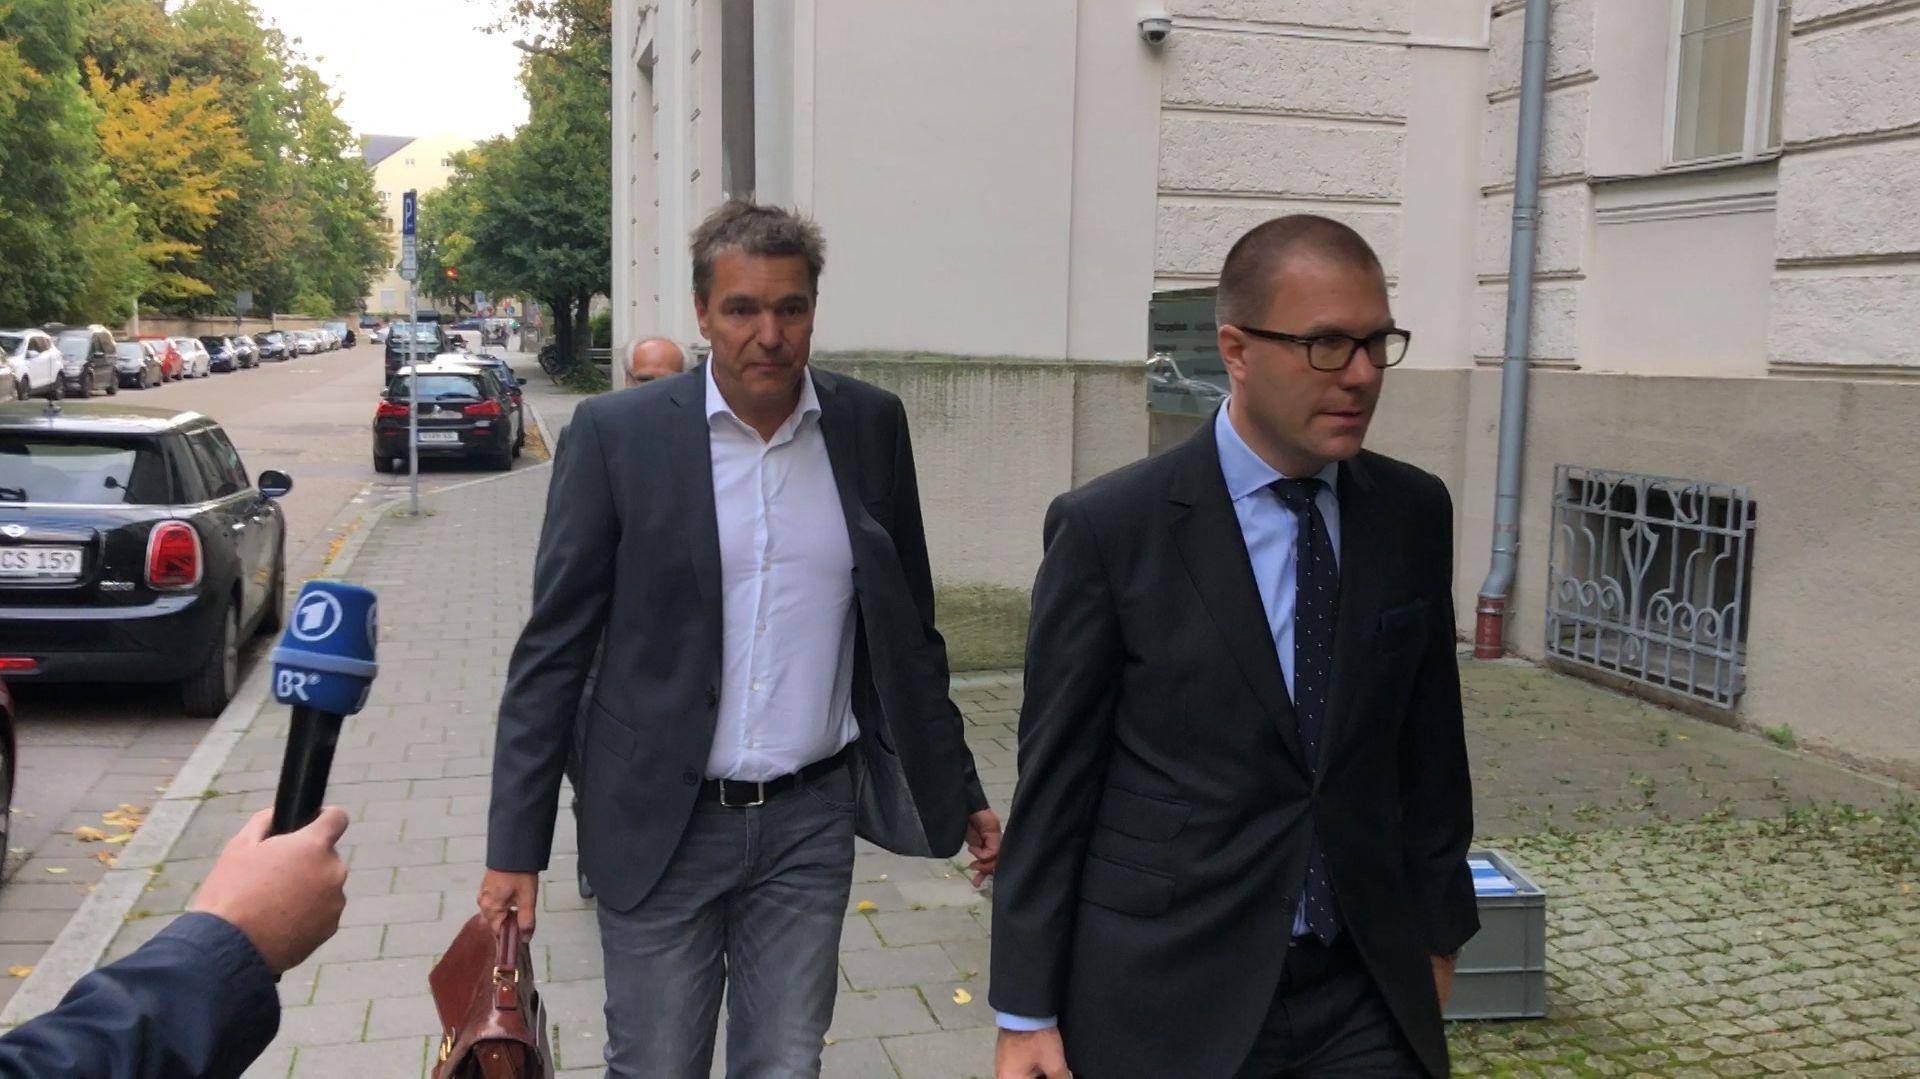 Der Angeklagte Stephan Pohlmann trifft mit seinem Anwalt Sebastian Gaßmann am Gericht ein.